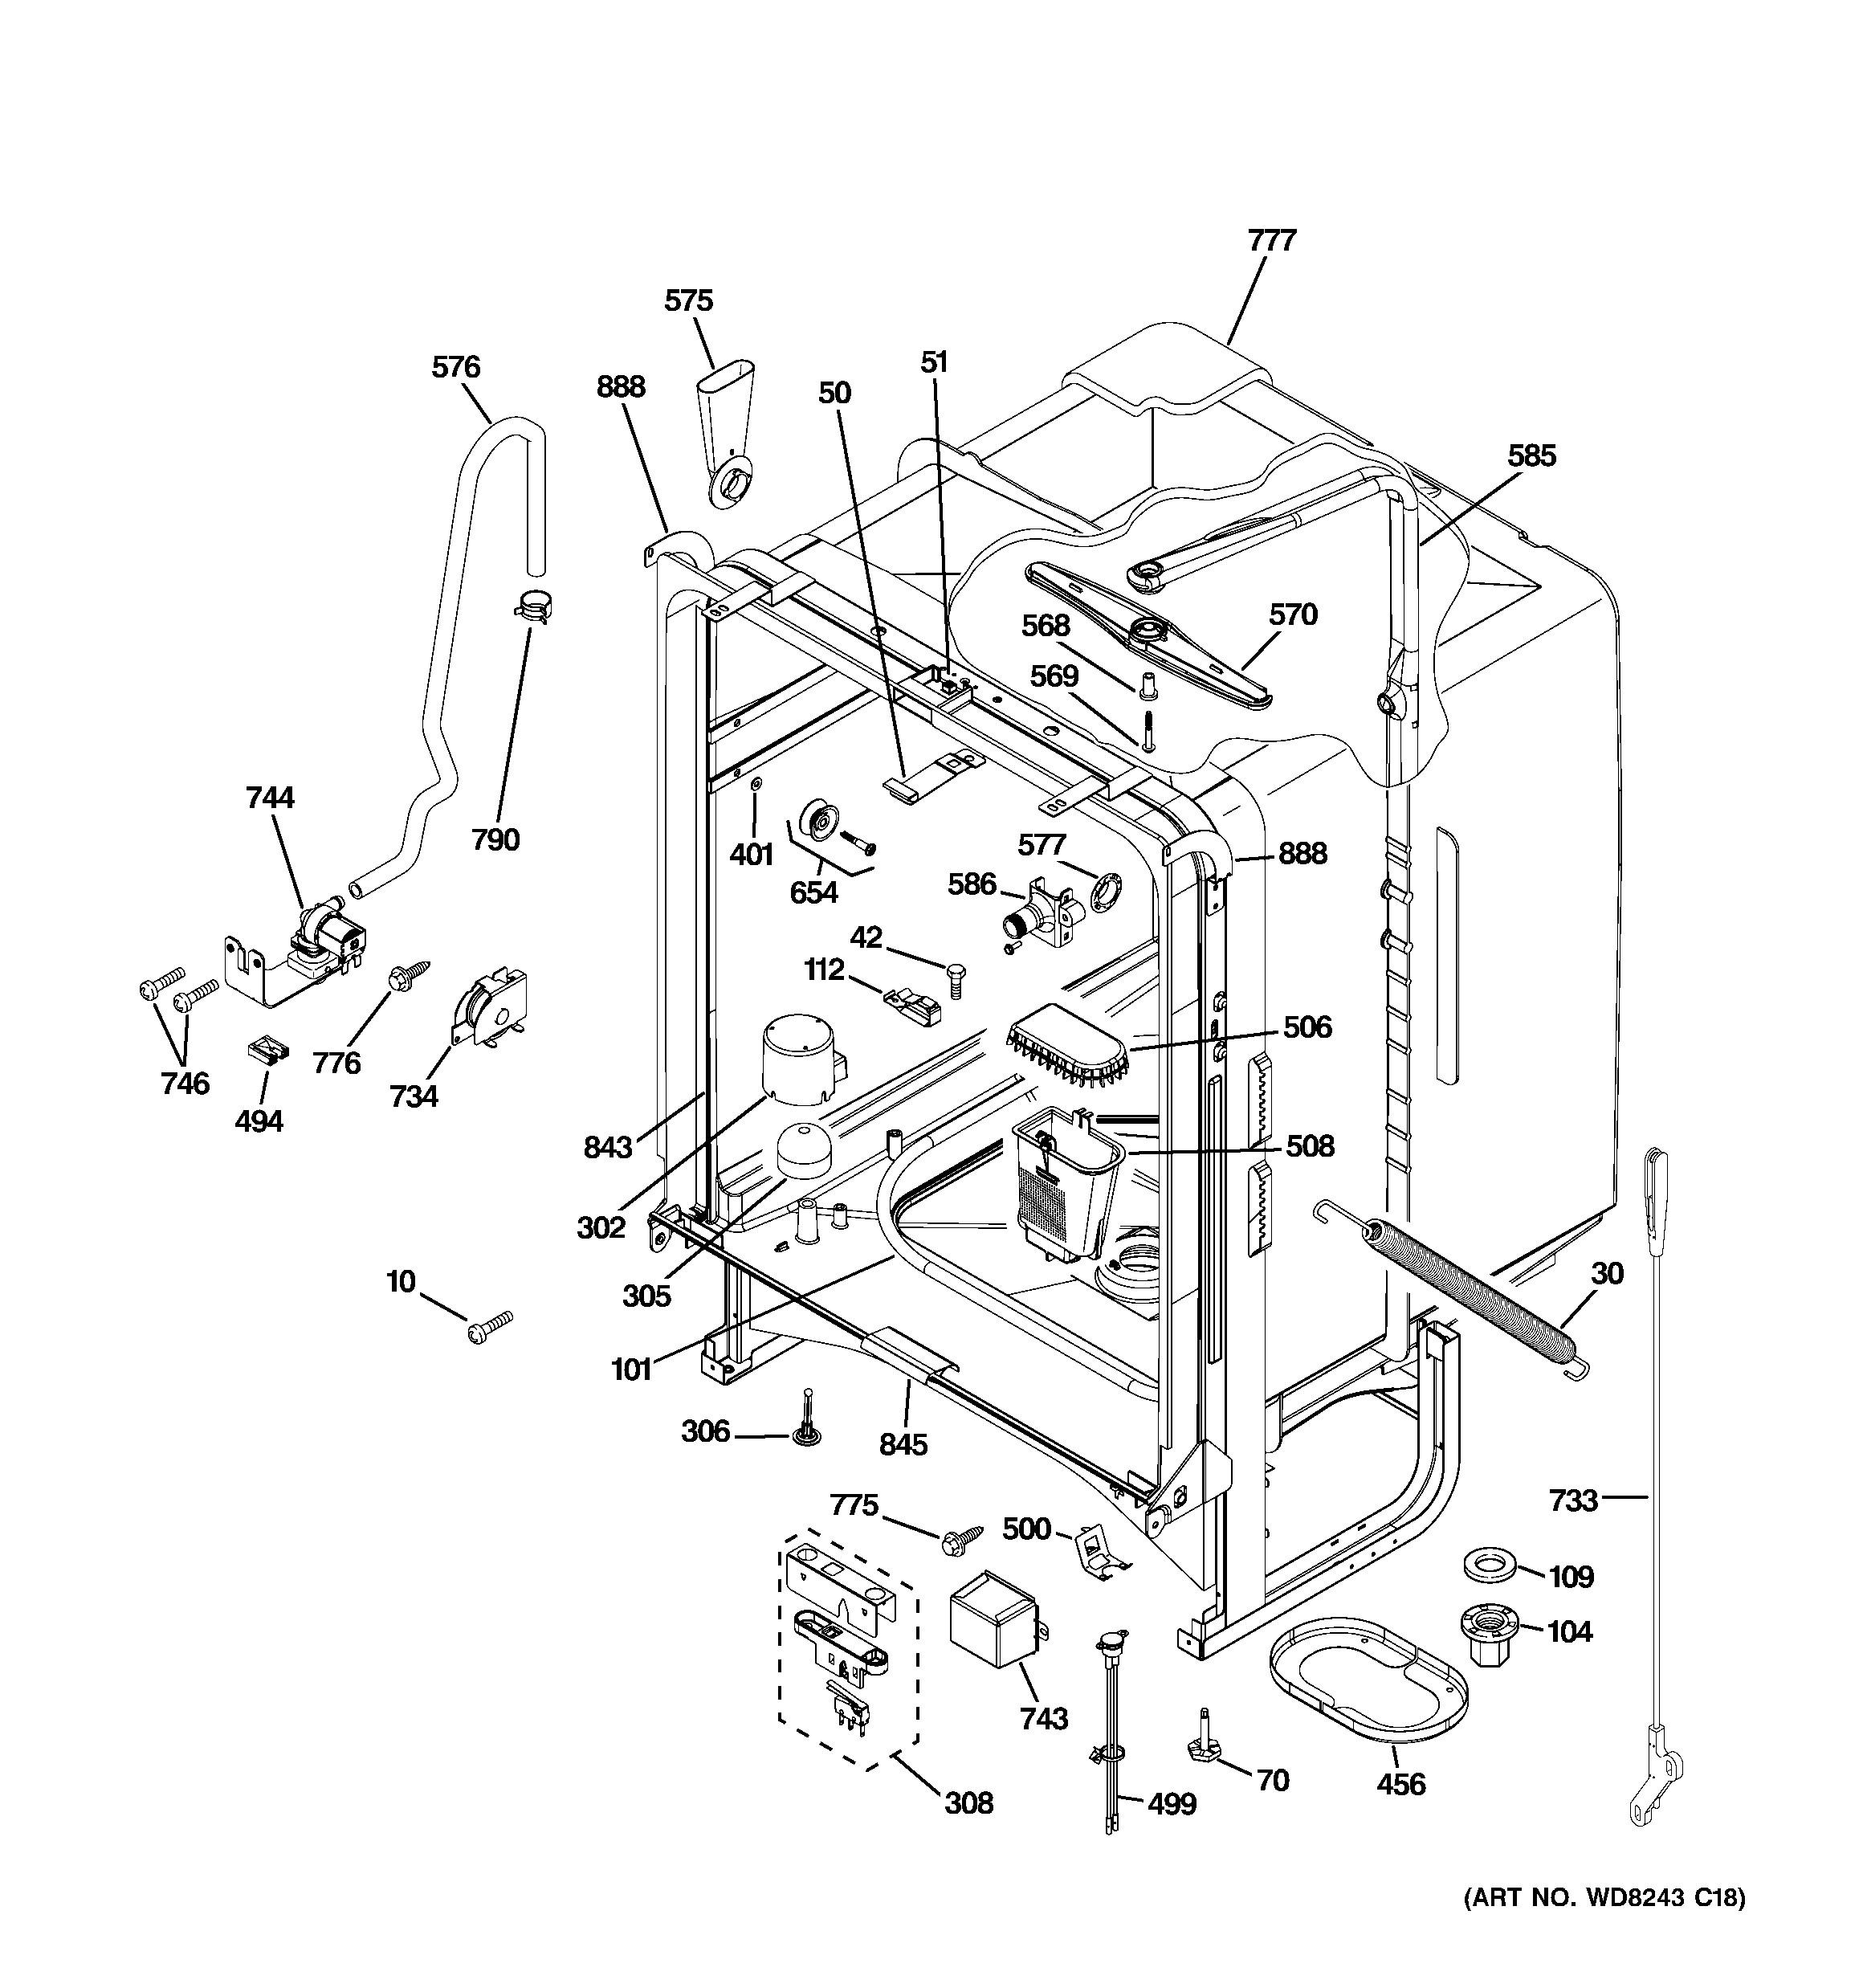 Ge Quiet Power 3 Parts Diagram Ge Dishwasher Parts Model Gld5868v00ss Of Ge Quiet Power 3 Parts Diagram